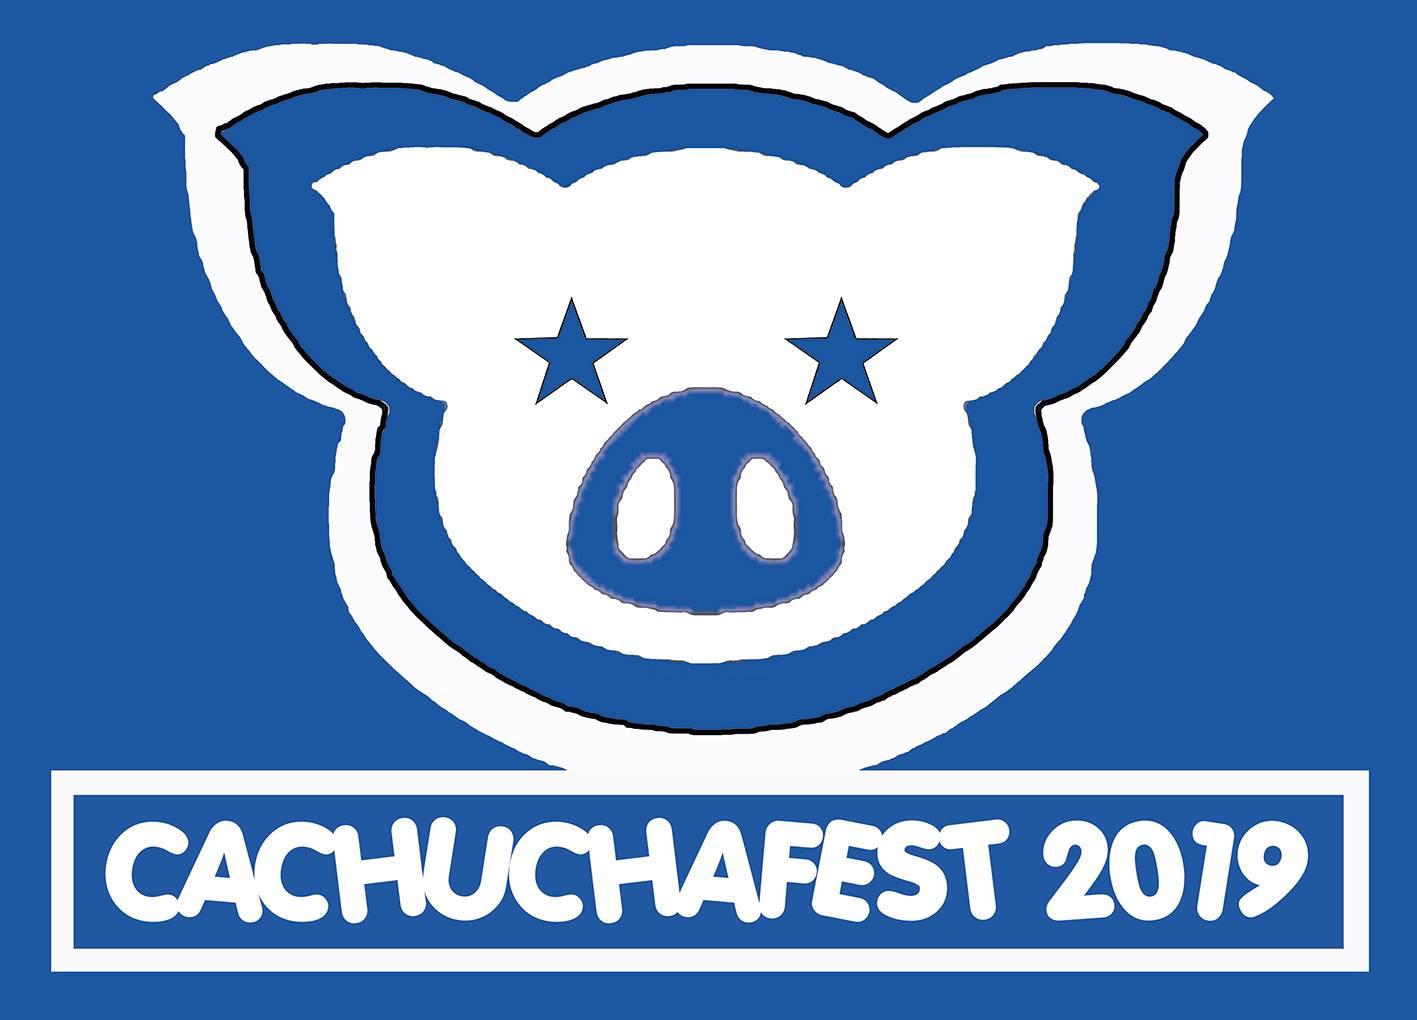 El sábado se celebra el festival internacional de la oreja 'Cachuchasfest 2019' 1